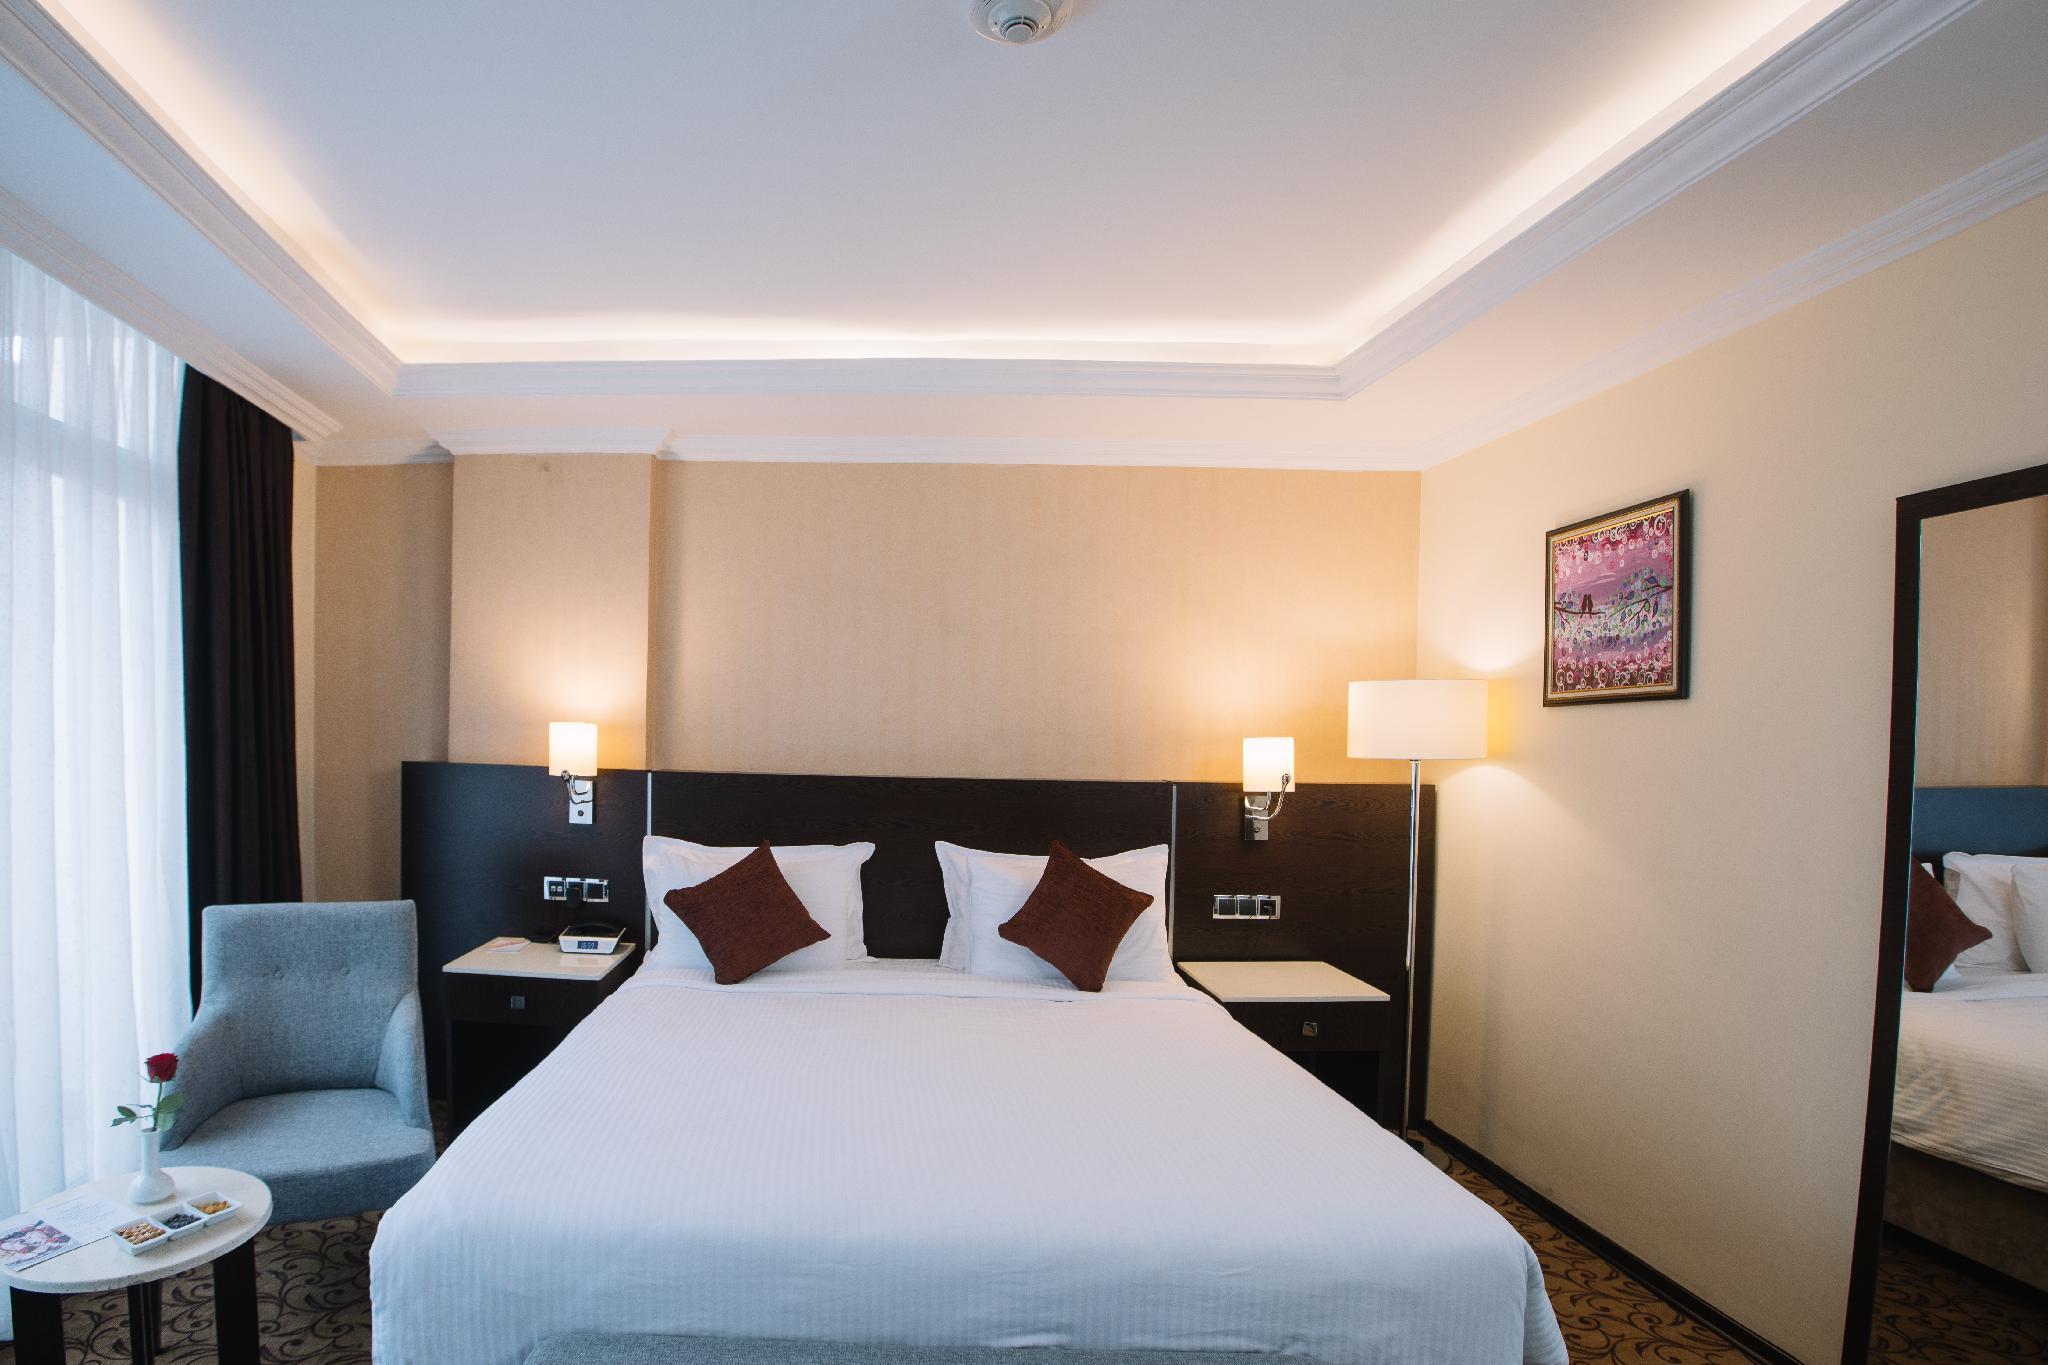 Addis-Abeba en tête du classement des chambres d'hôtel en Afrique